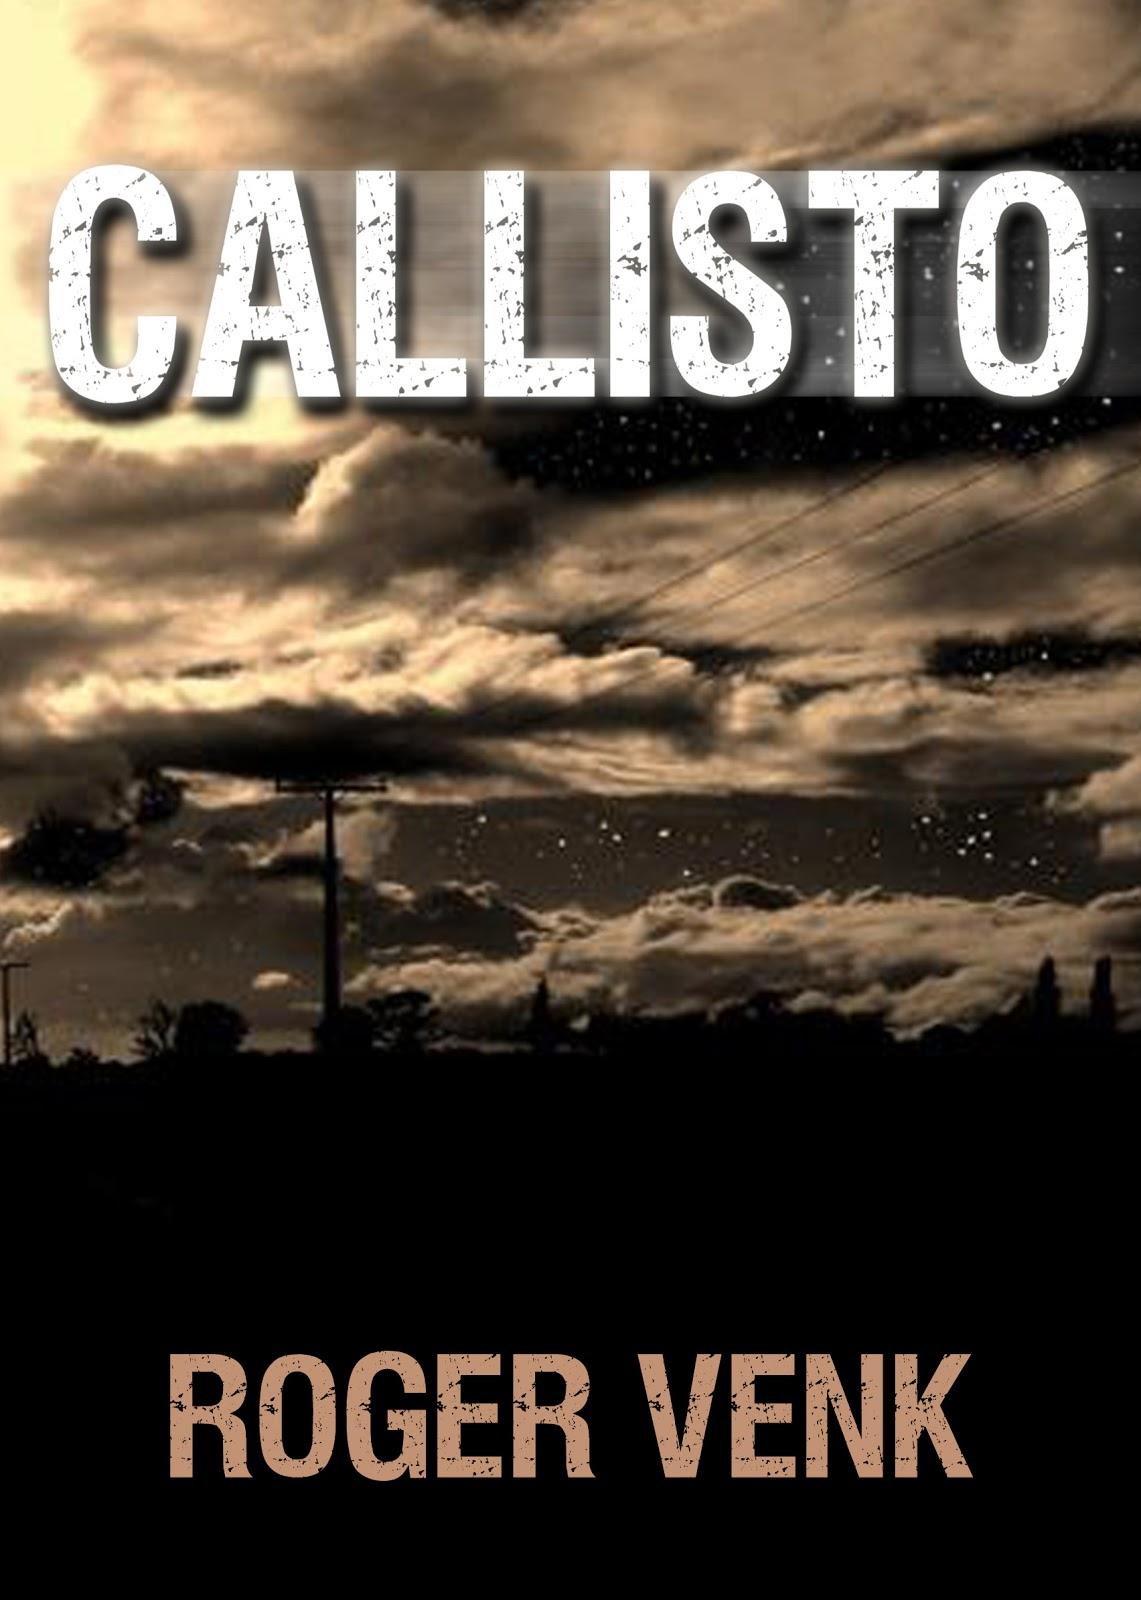 http://1.bp.blogspot.com/-QGS3J5PXrFc/T0_6Zc7eSpI/AAAAAAAAAbE/_yvvl2zjmU4/s1600/Callisto+cover+hres.jpg